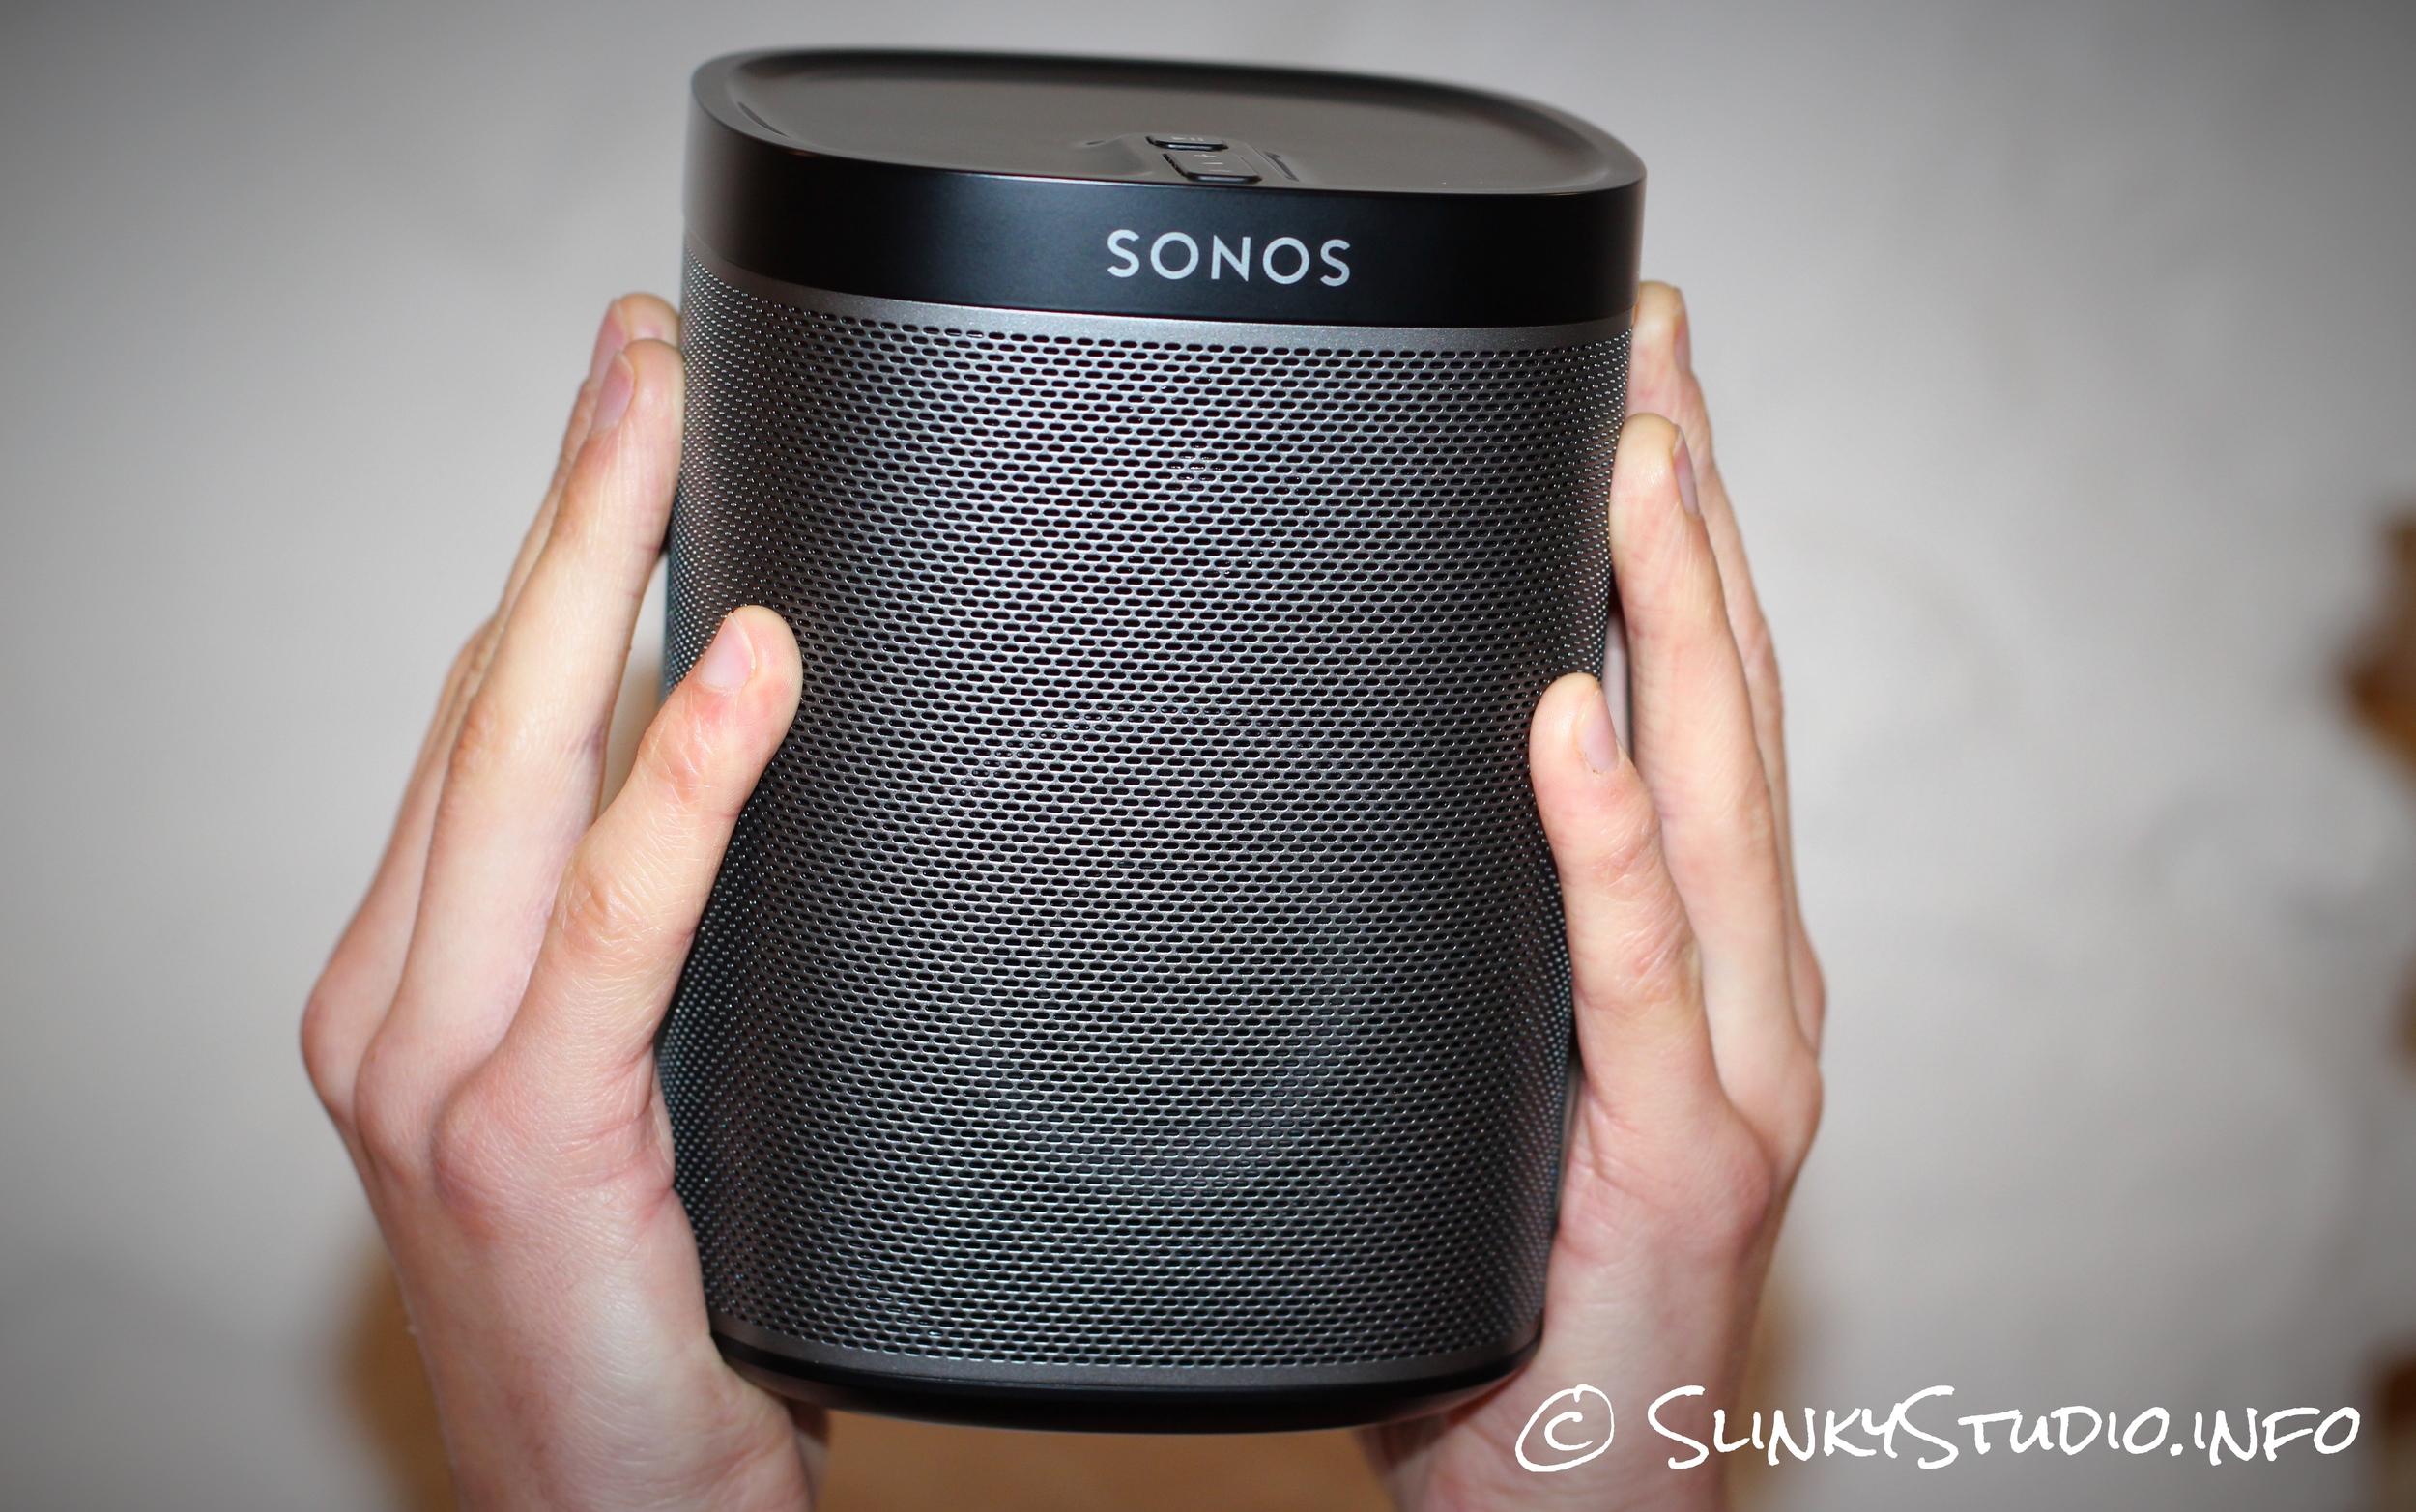 Sonos Play 1 Speaker Held in Hands.jpg